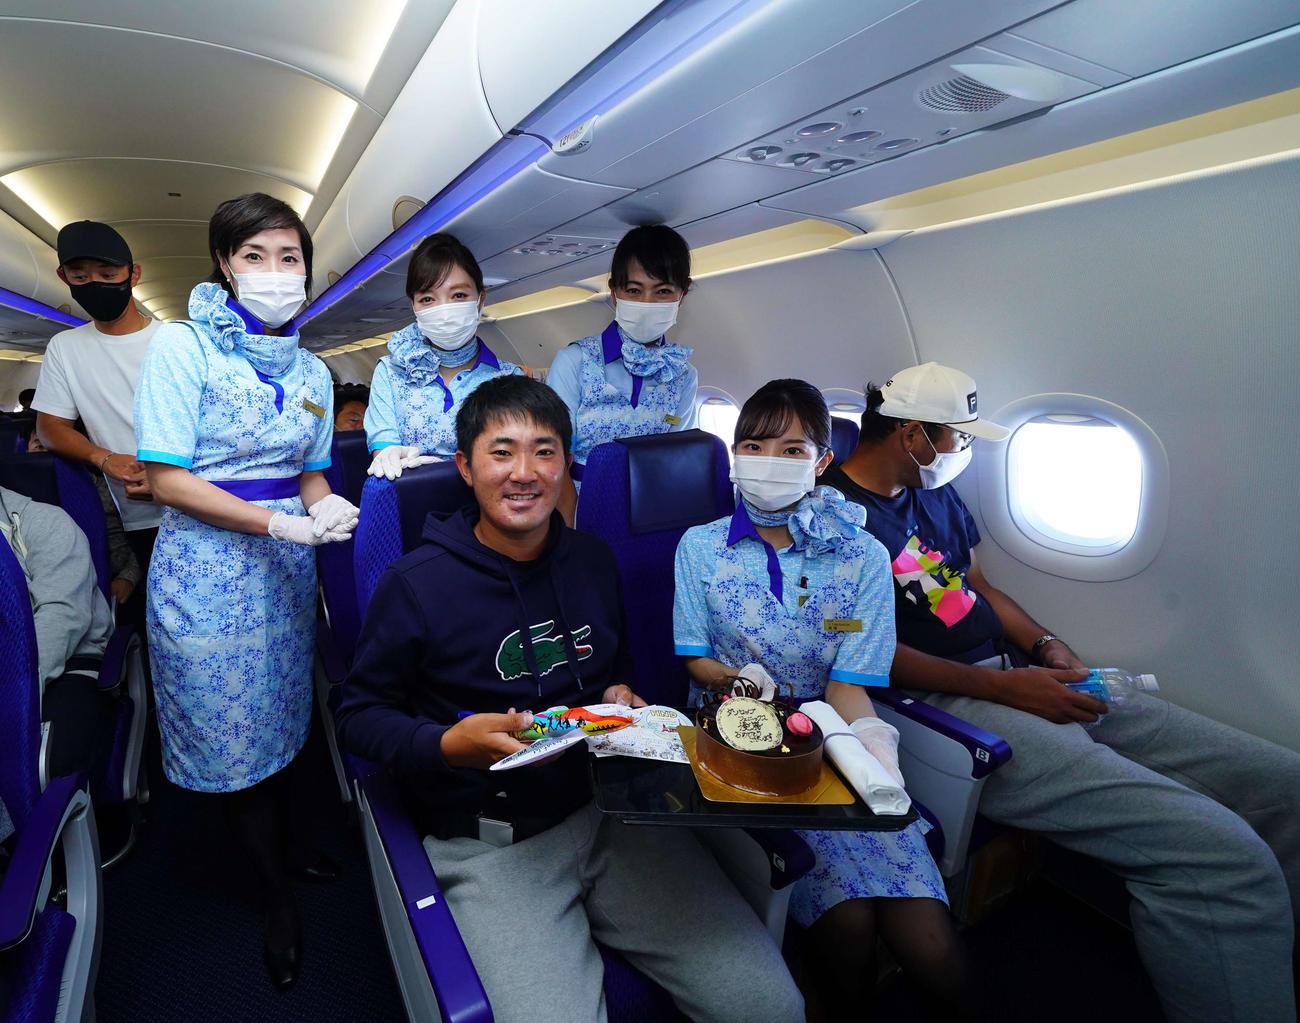 ダンロップ・フェニックスでプロ初優勝を果たし、帰りのチャーター便機内で客室乗務員に祝福された金谷拓実(中央)